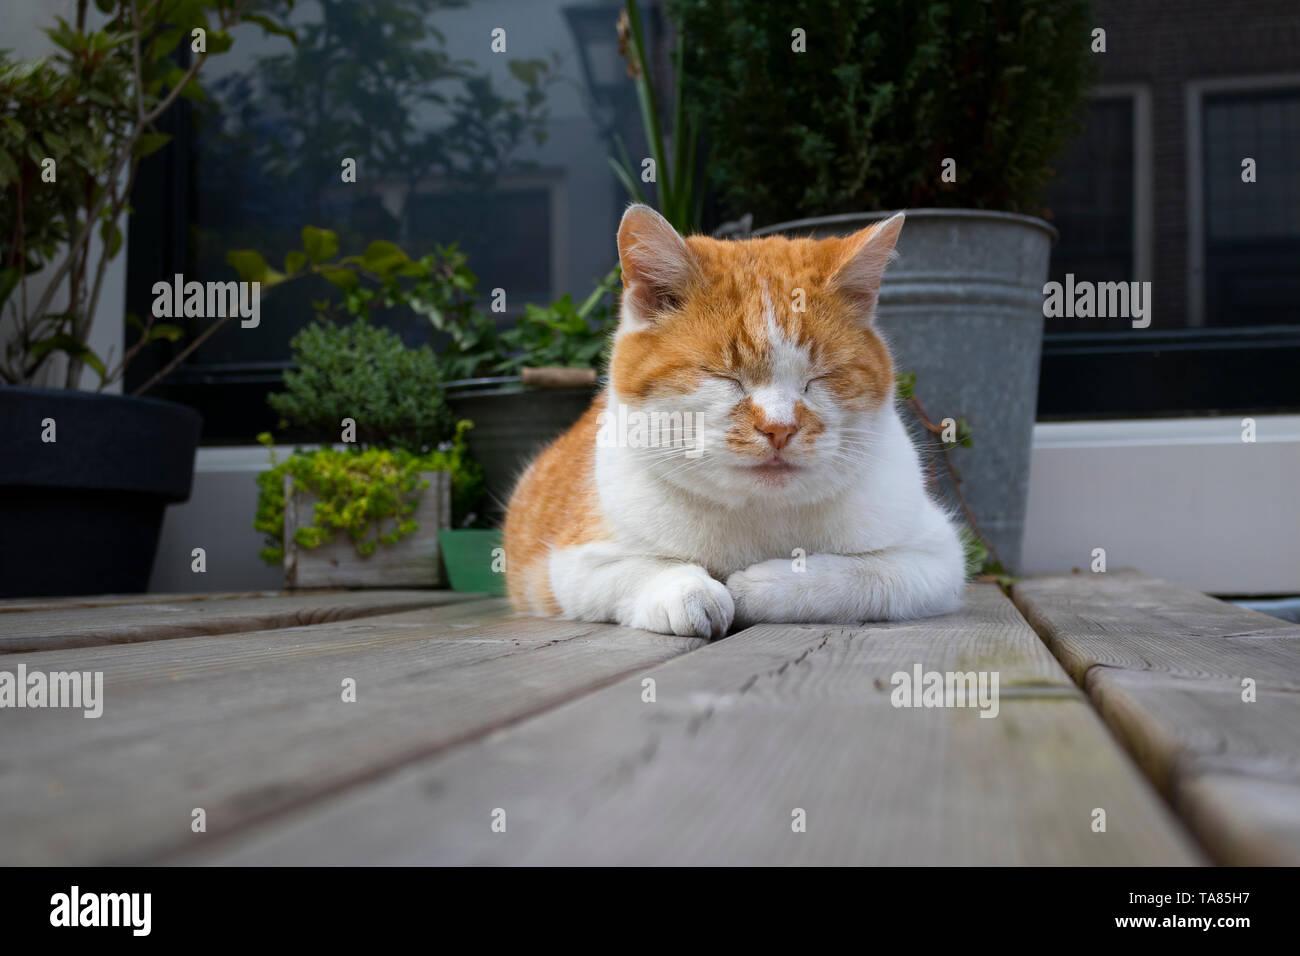 Couchage détendue et rouge chat blanc sur une table de jardin en bois Photo Stock